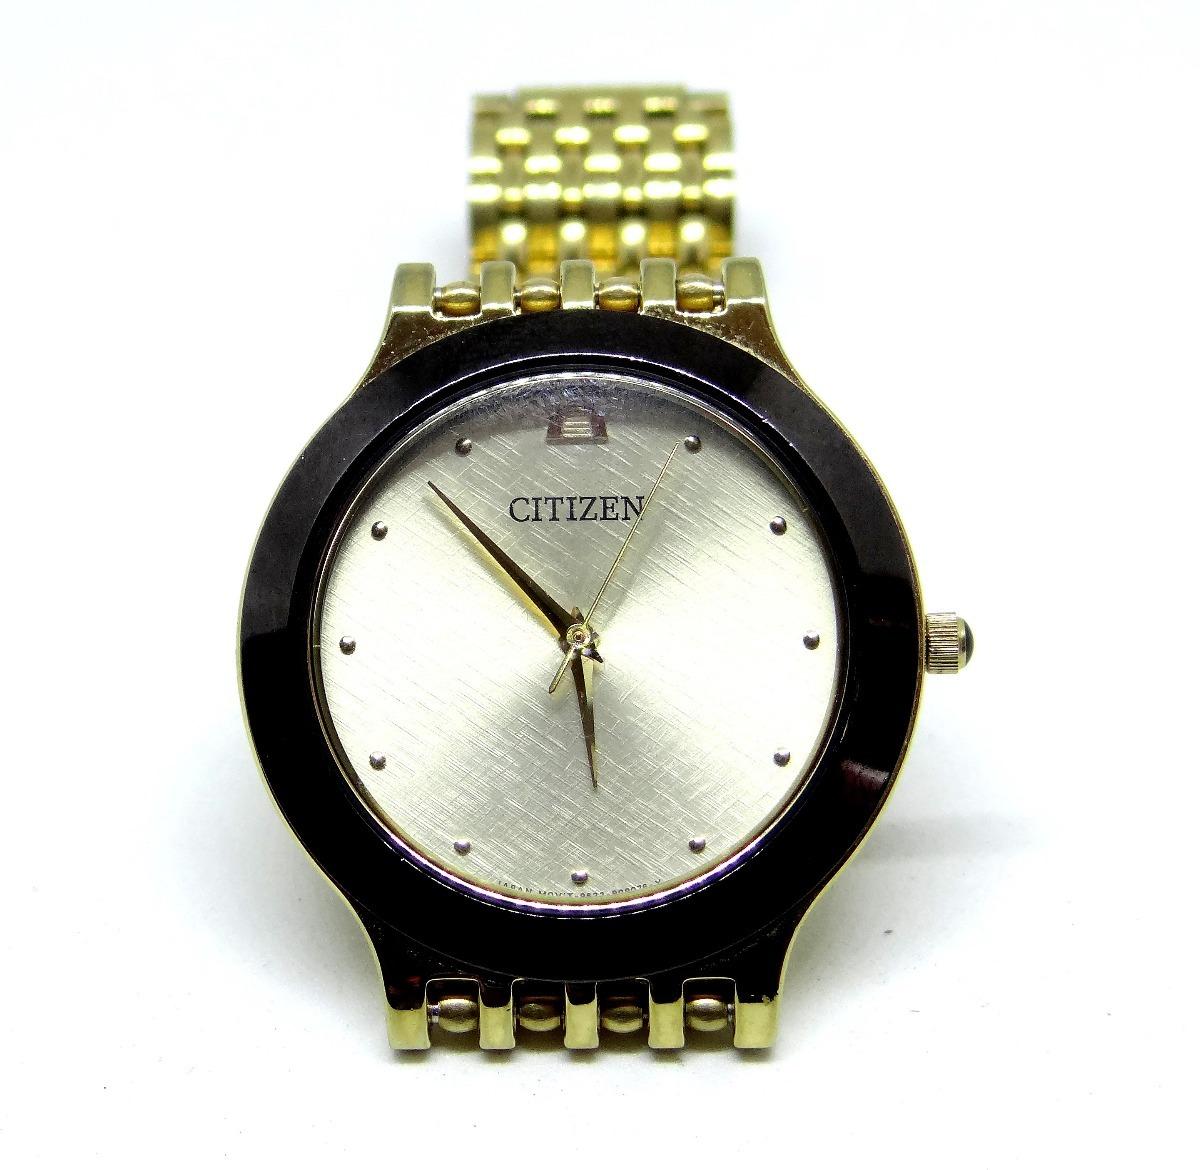 a75f43caa39 reloj citizen caballero colección azteca cristal mineral. Cargando zoom.